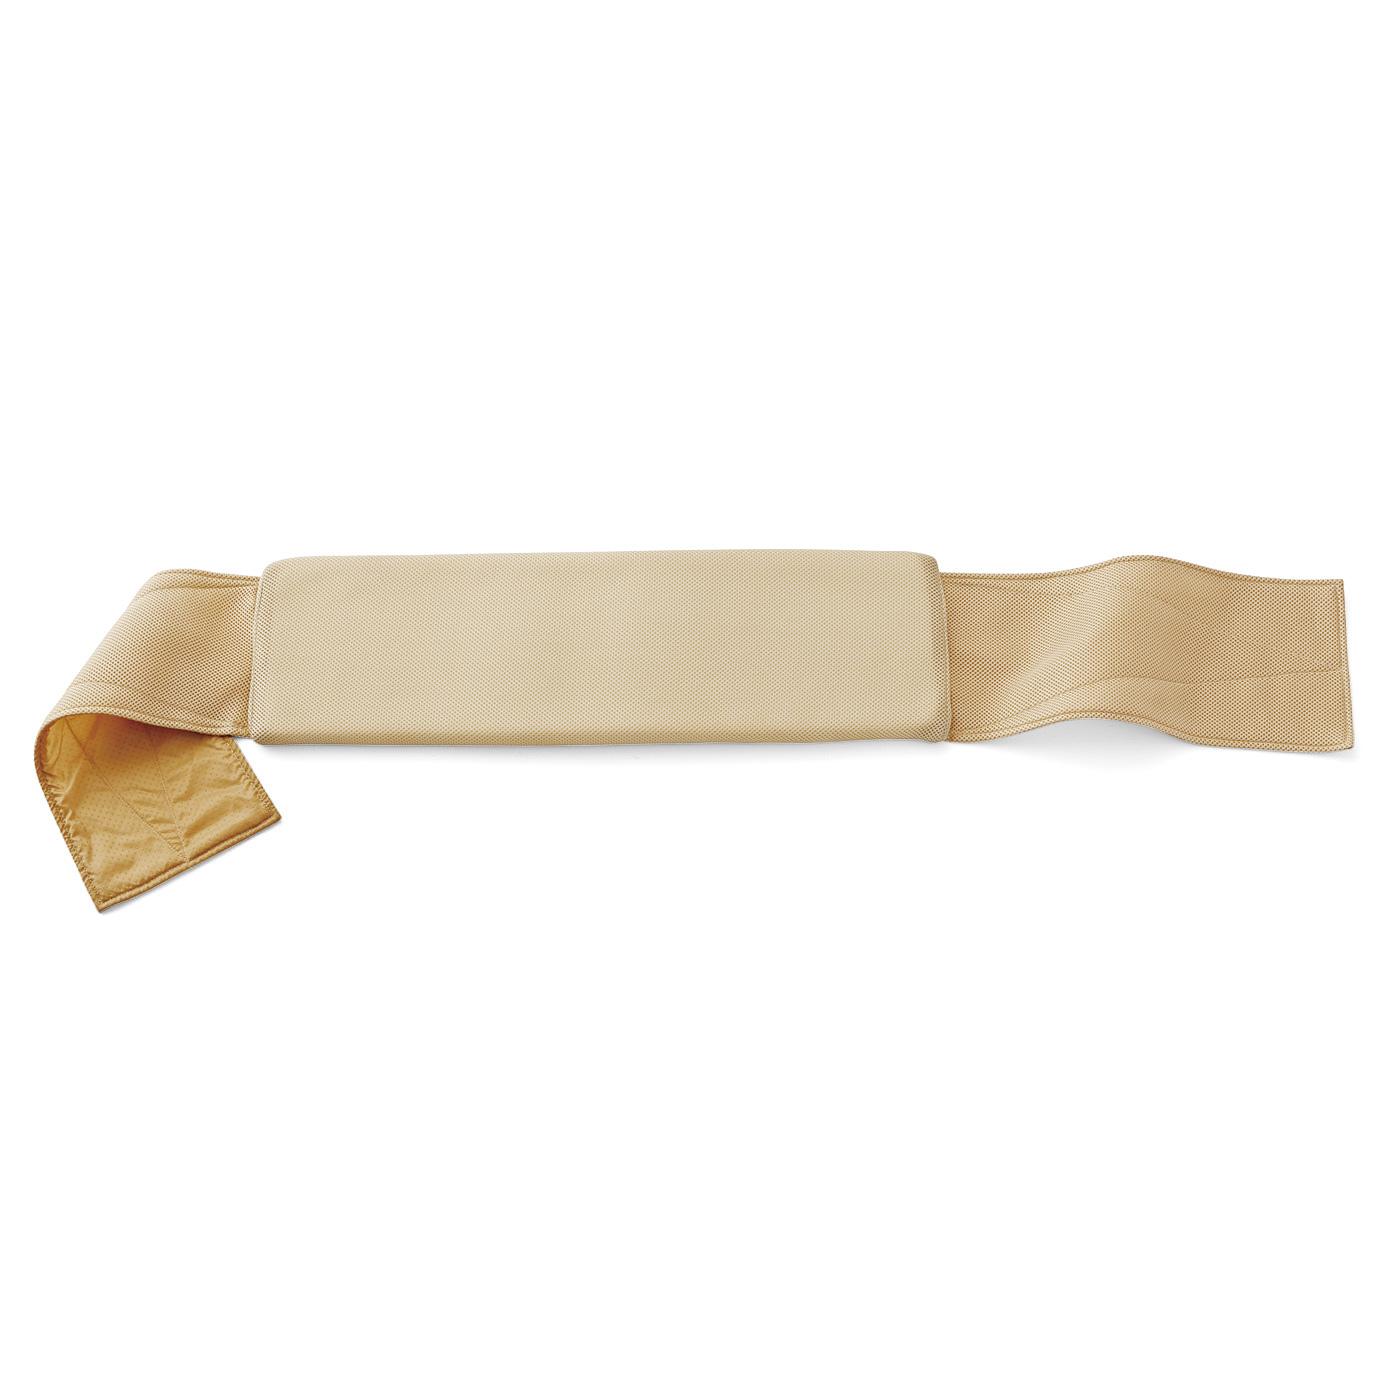 中材はほどよい厚みと反発感があるウレタンフォームを使用。